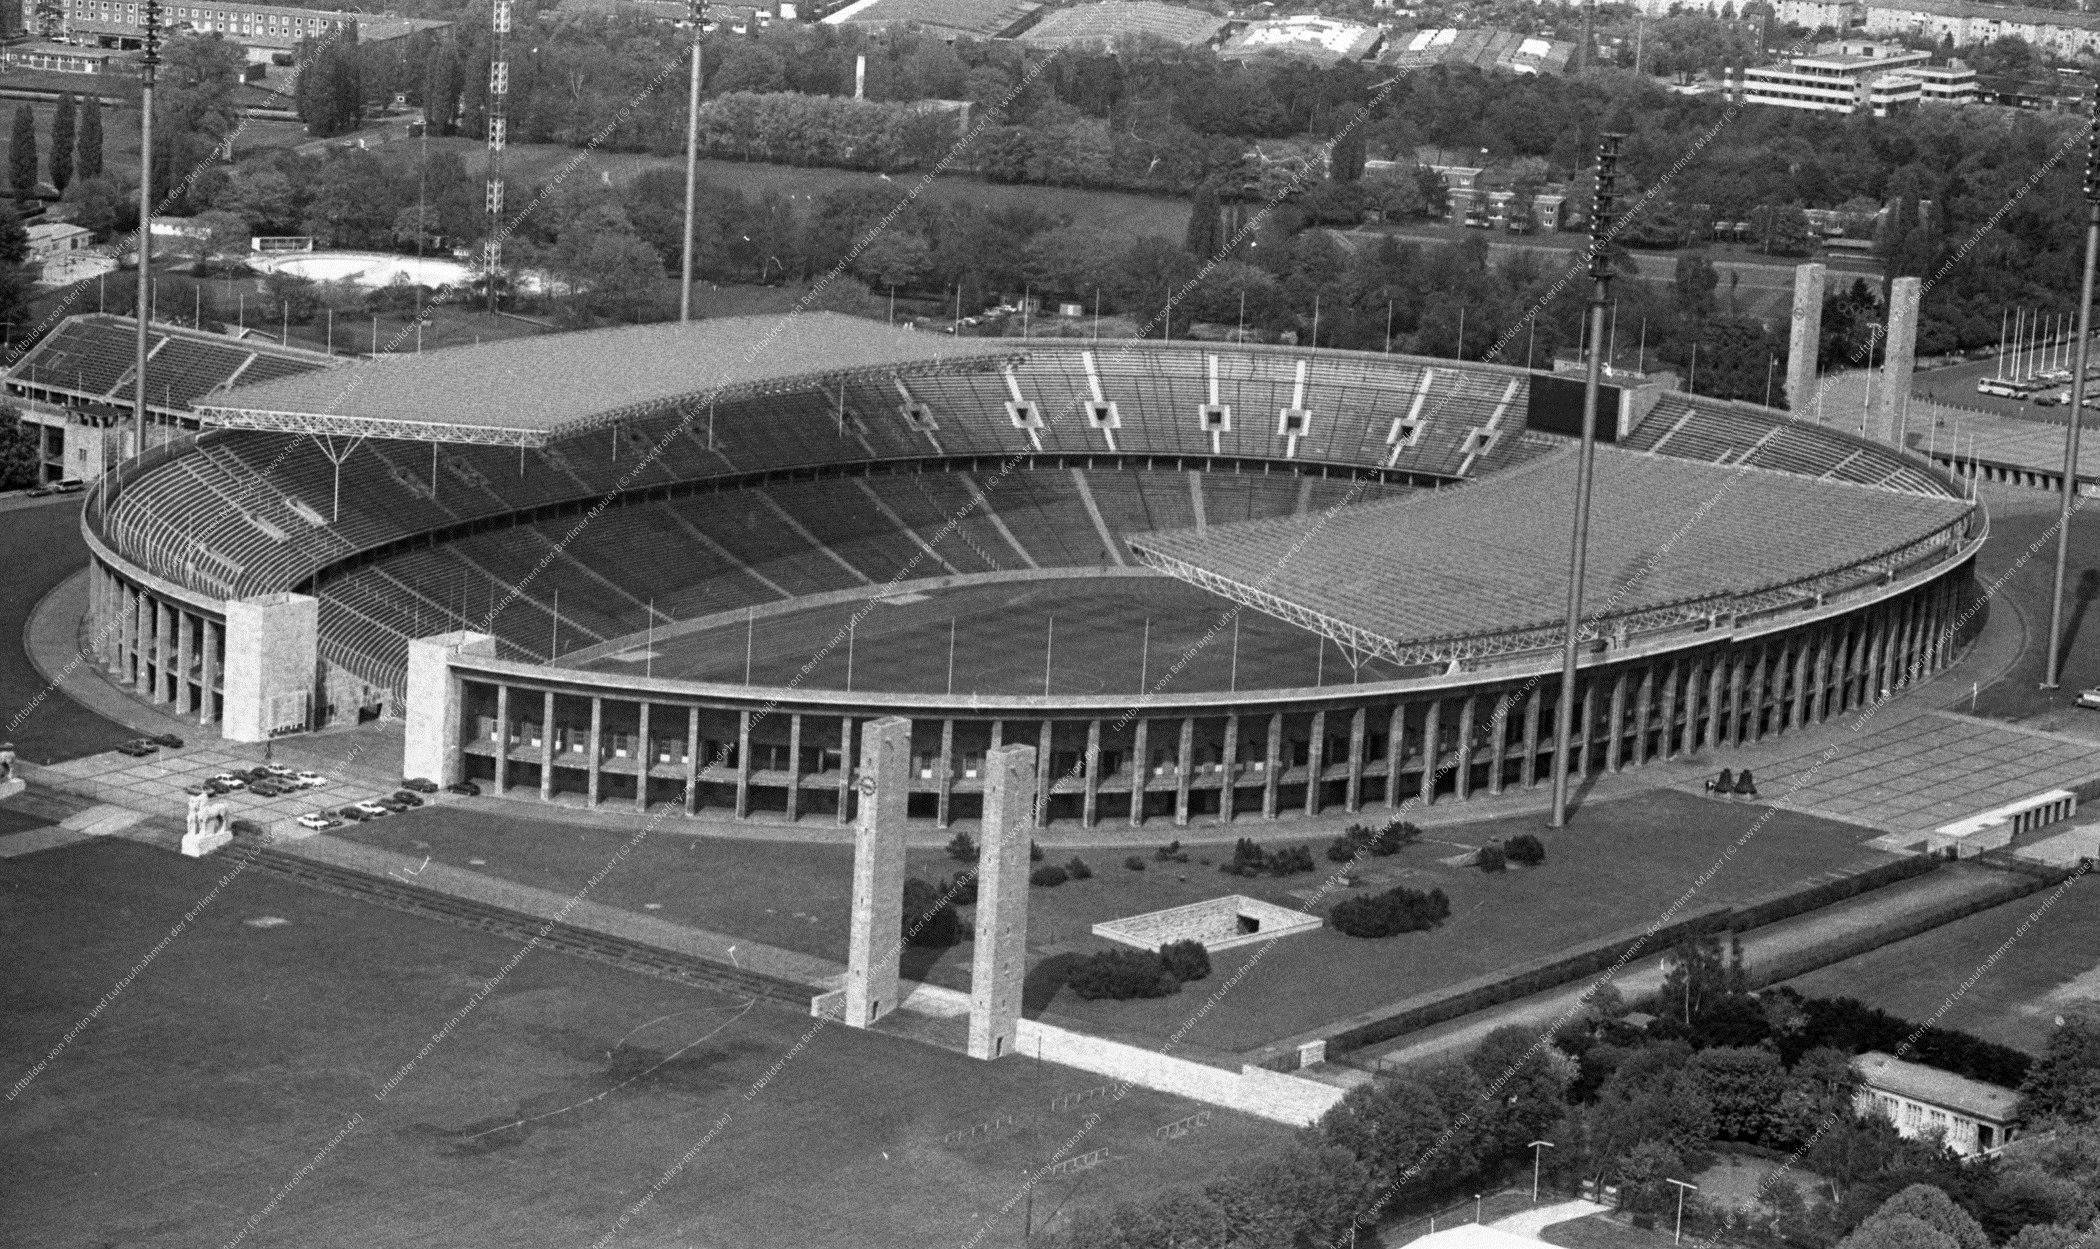 Luftaufnahme vom Berliner Olympiagelände (Reichssportfeld) vom 12. Mai 1982 (Bild 080)